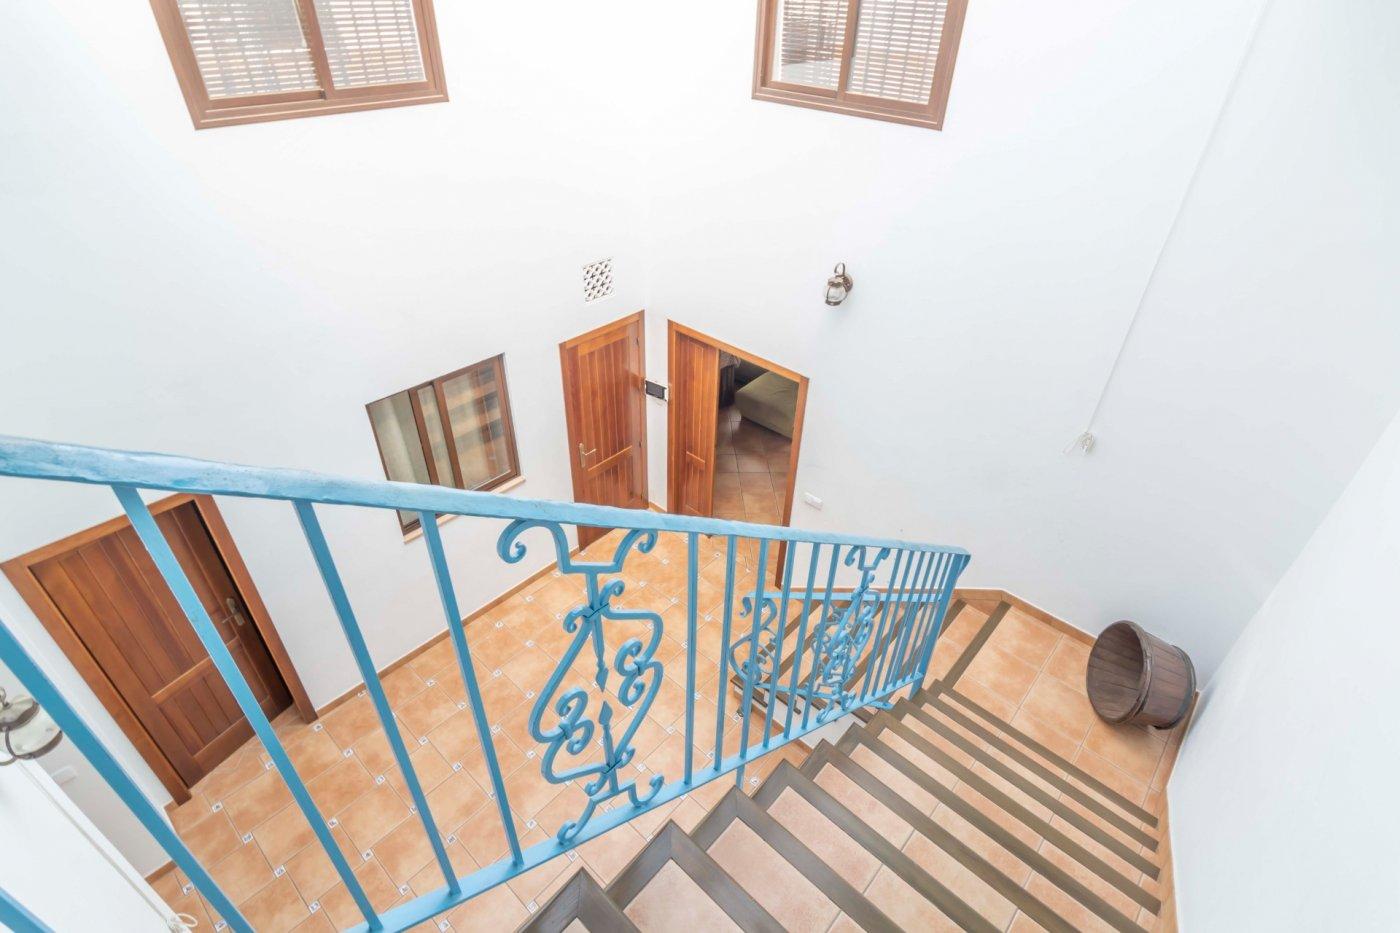 Casa de reciente construccion a la venta en carmona - imagenInmueble34